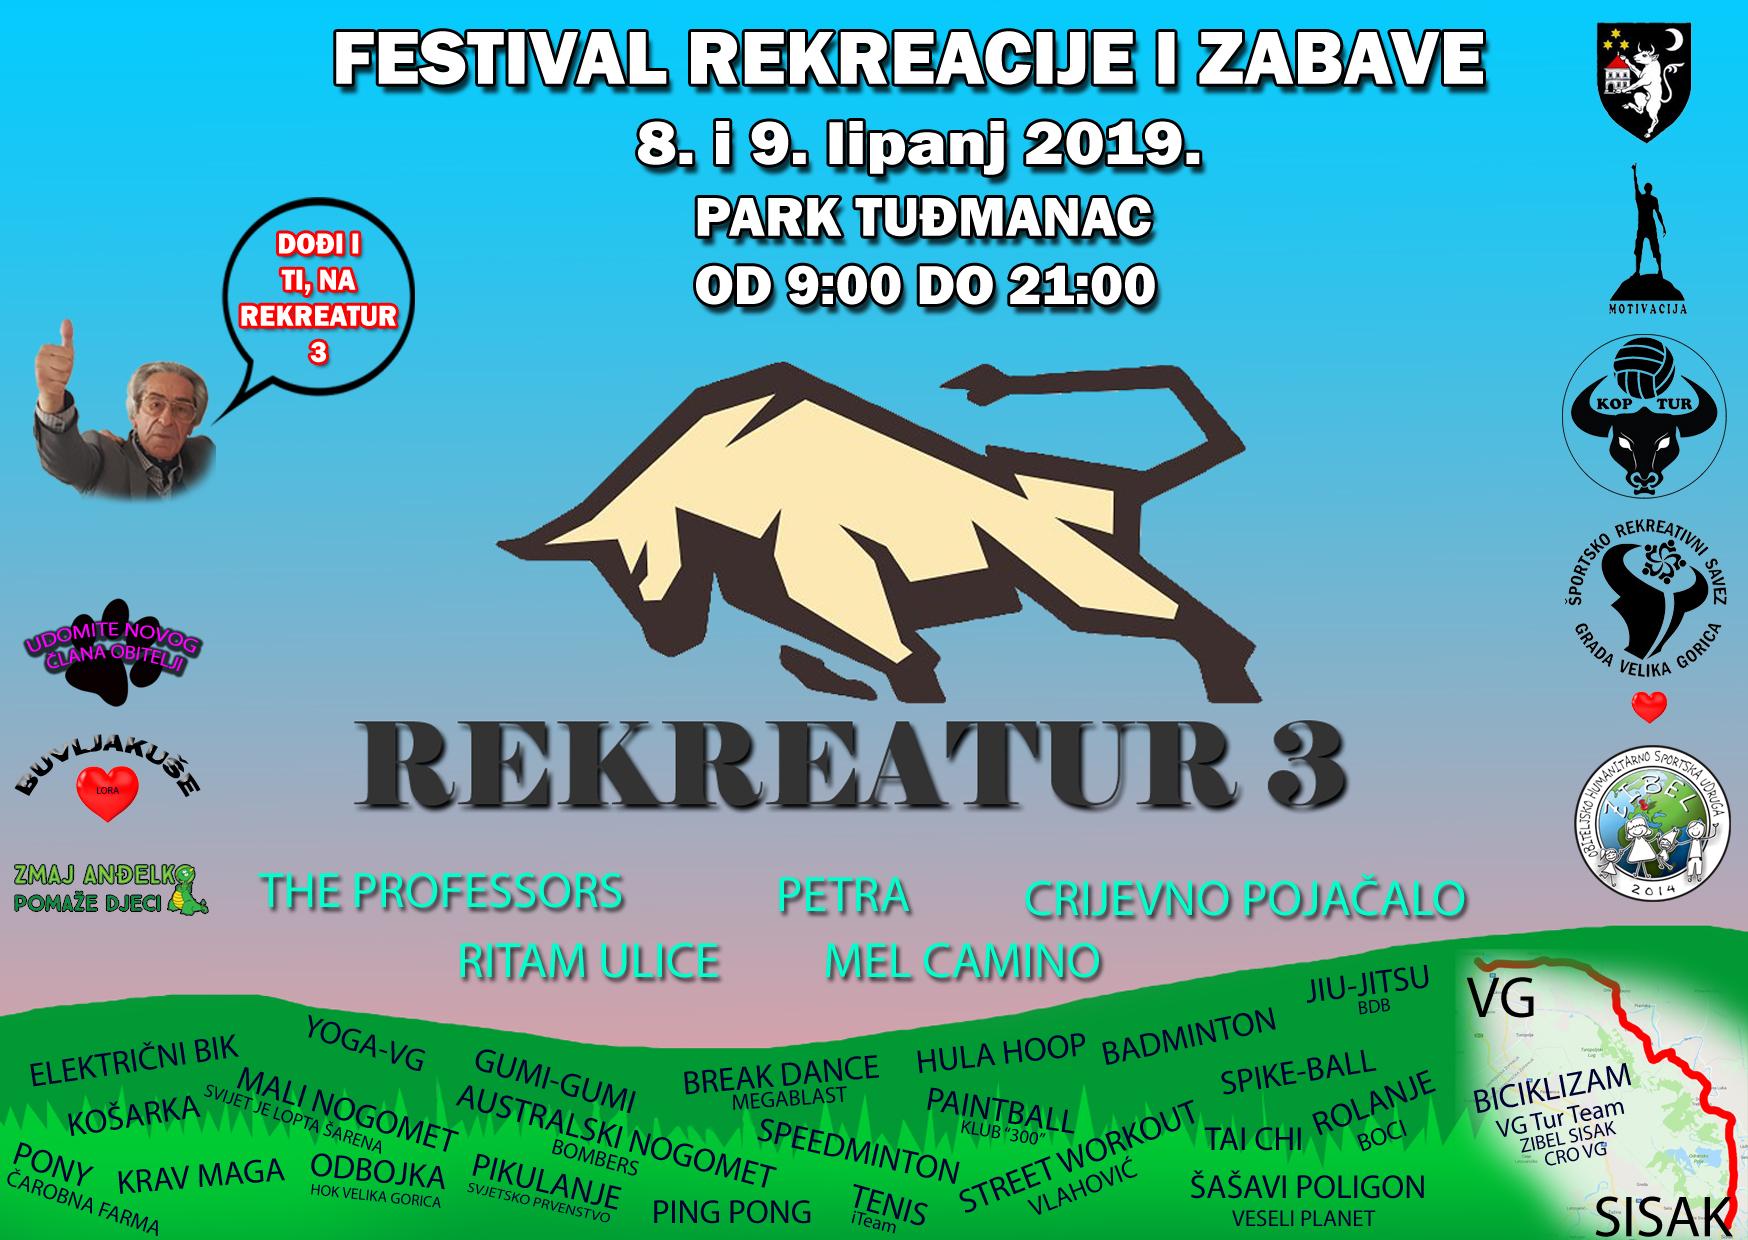 Dođi i ti, na Rekreatur 3 – festival rekreacije i zabave u Velikoj Gorici